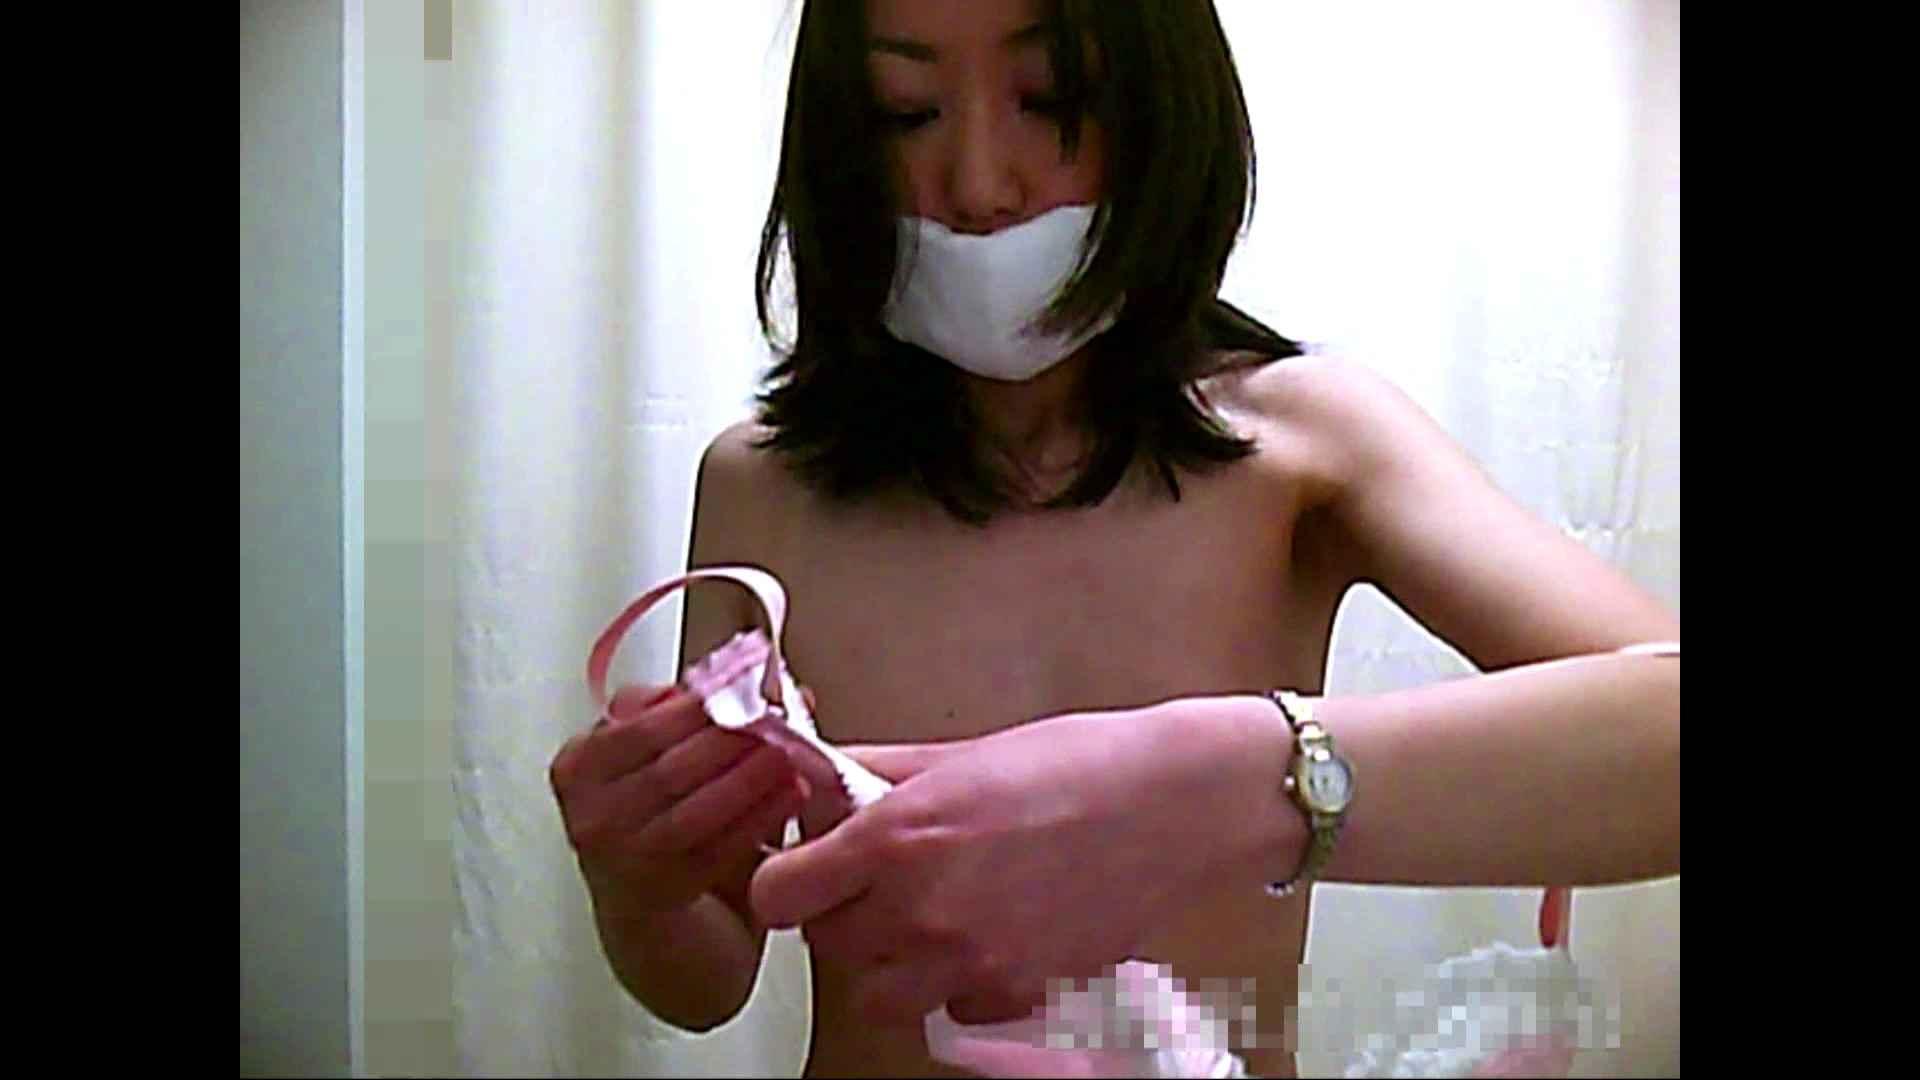 元医者による反抗 更衣室地獄絵巻 vol.001 OLの実態  56pic 8